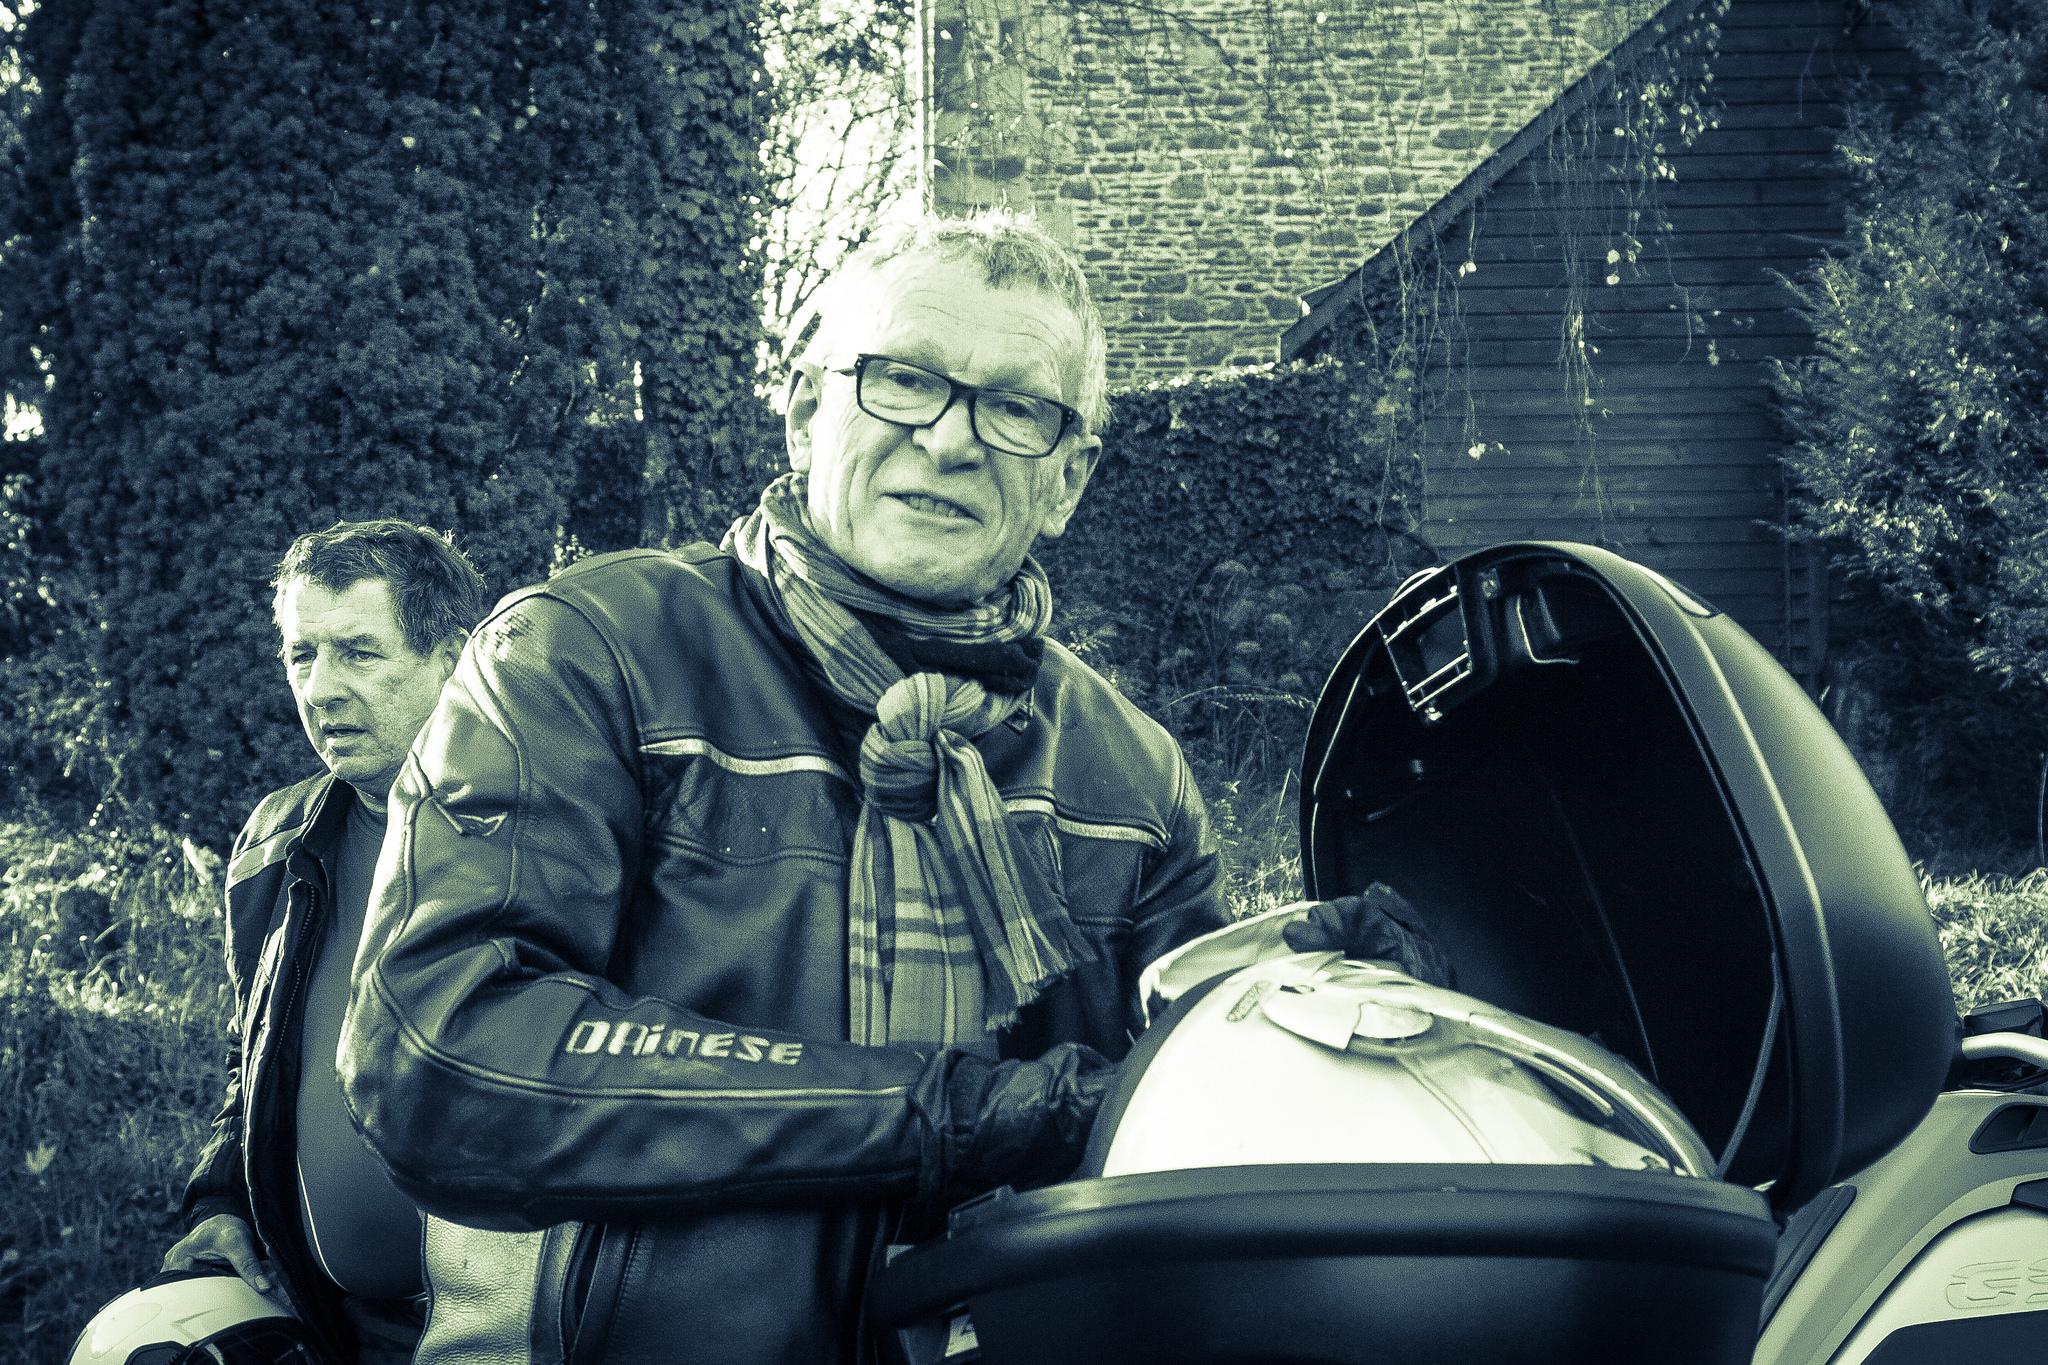 バイクのフリー素材、画像 (17)